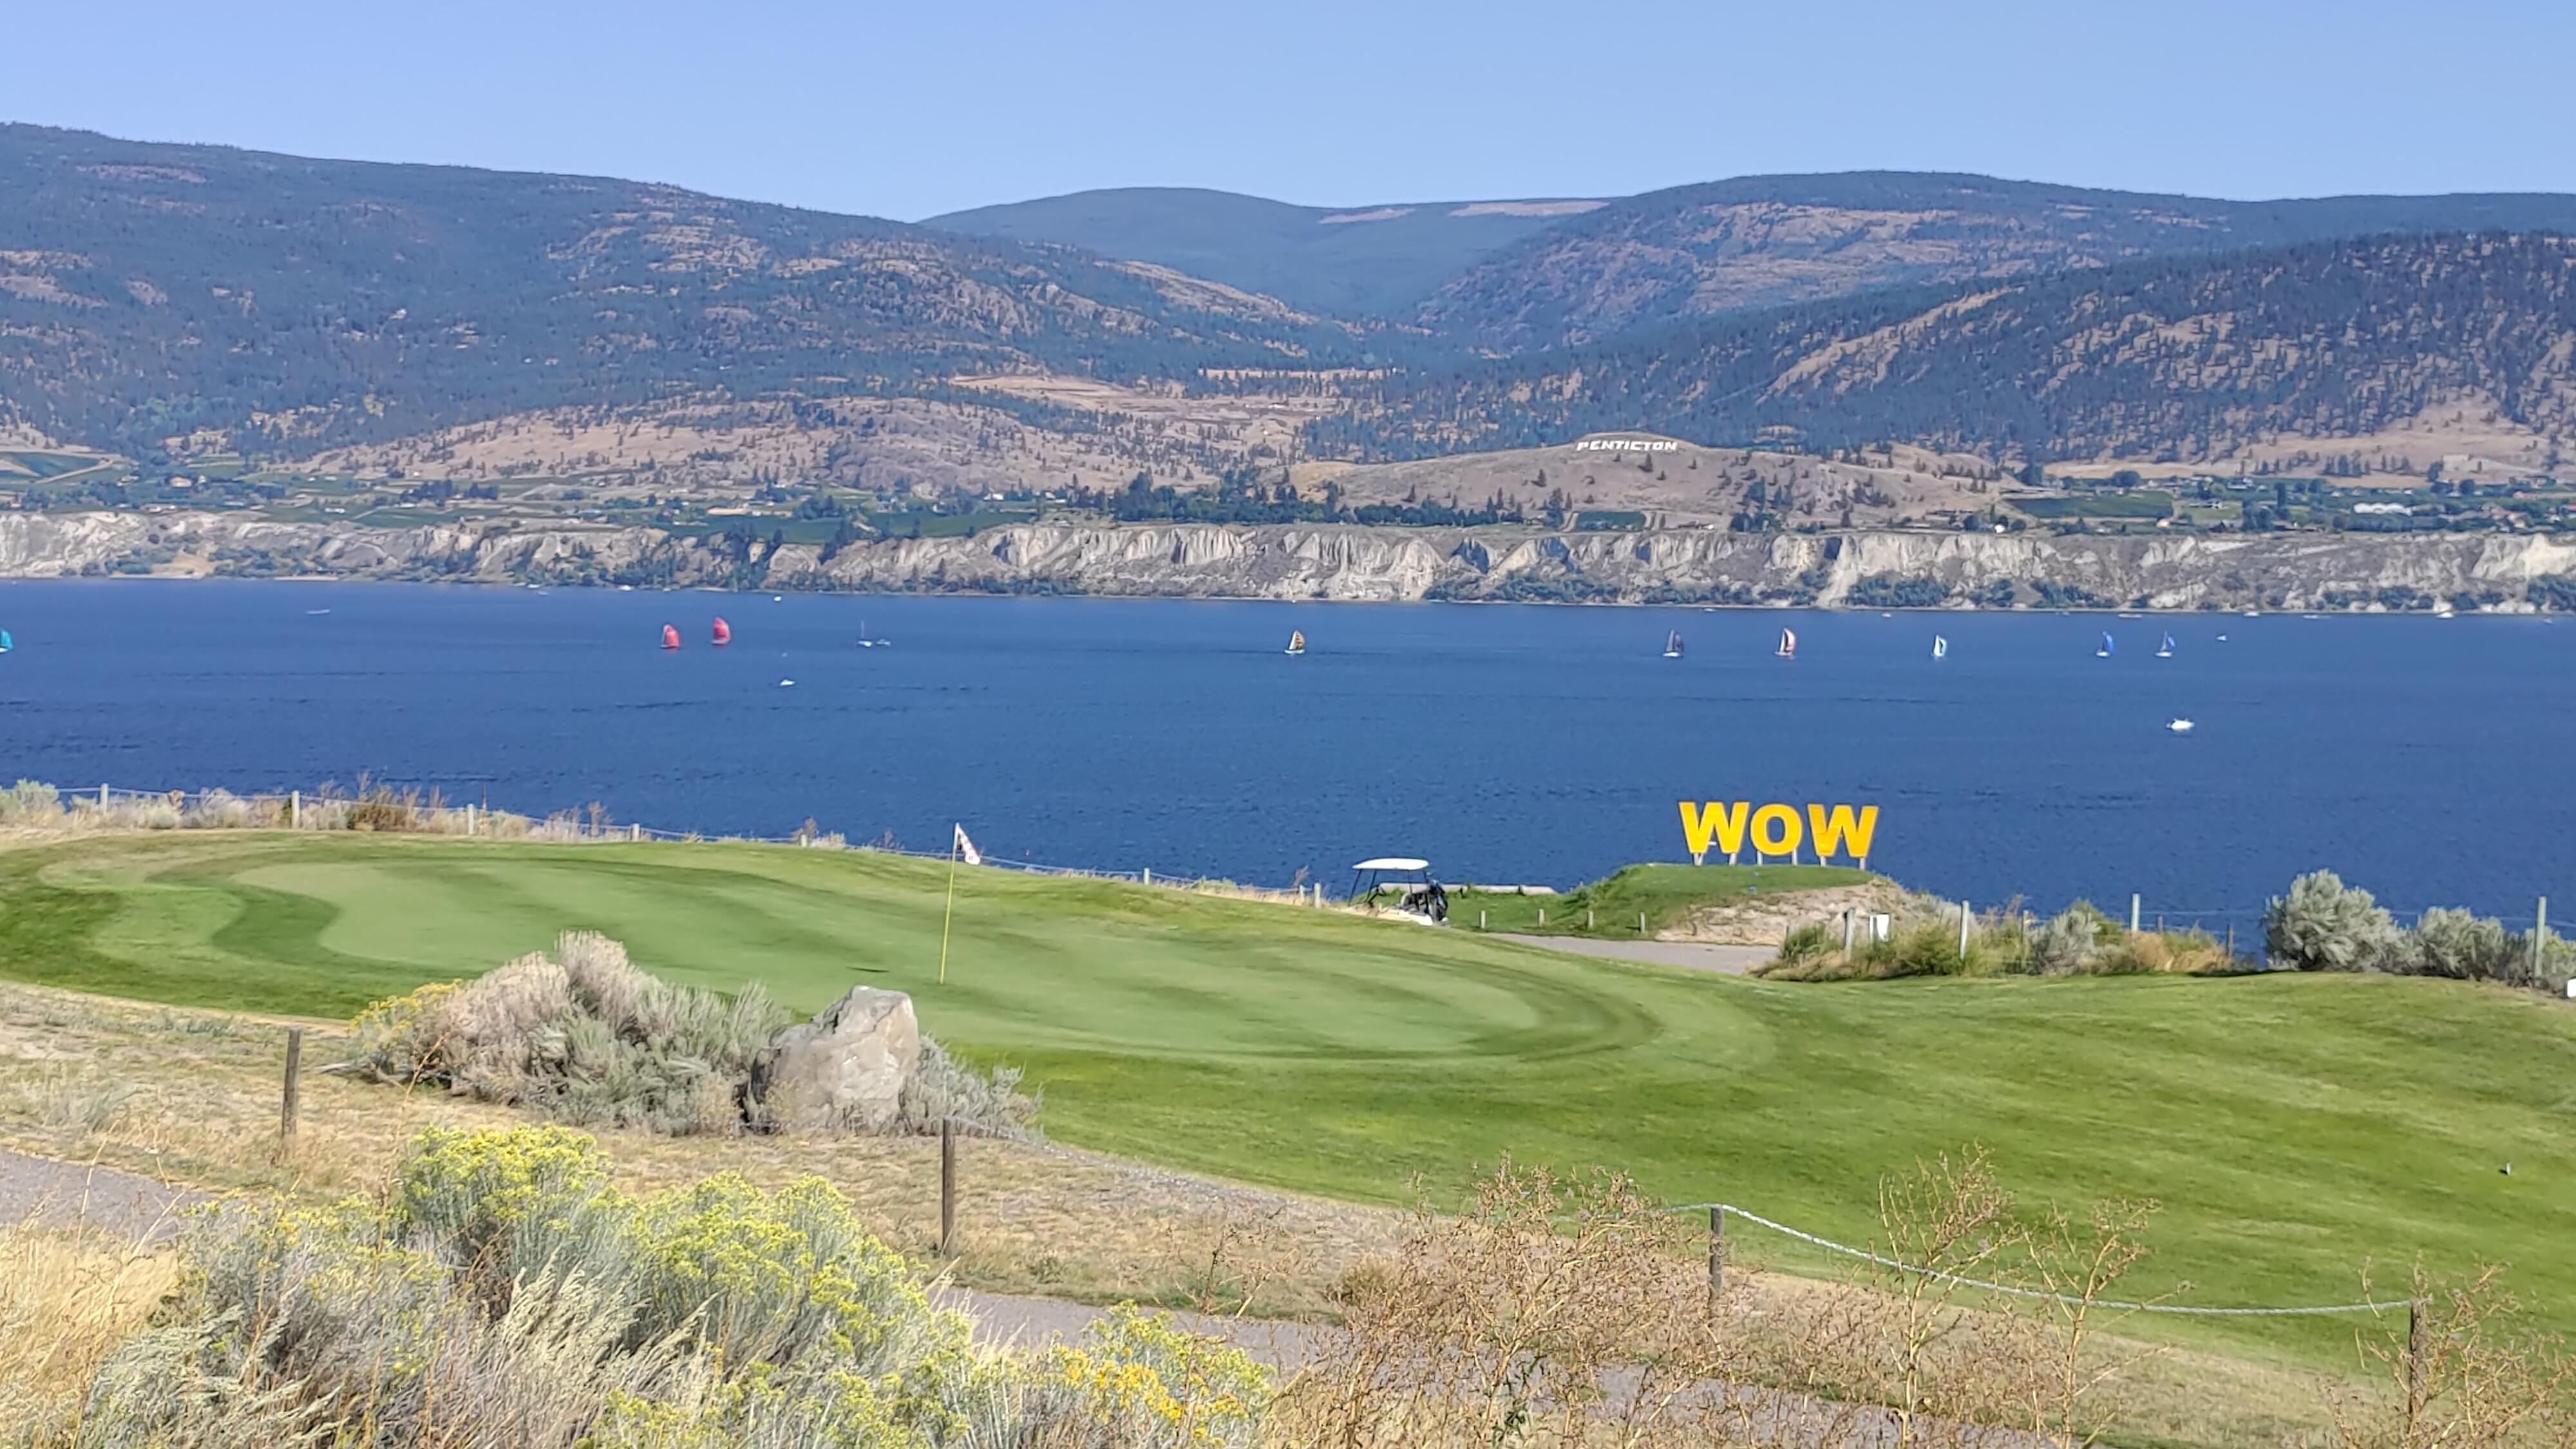 Wow Golf Club logo